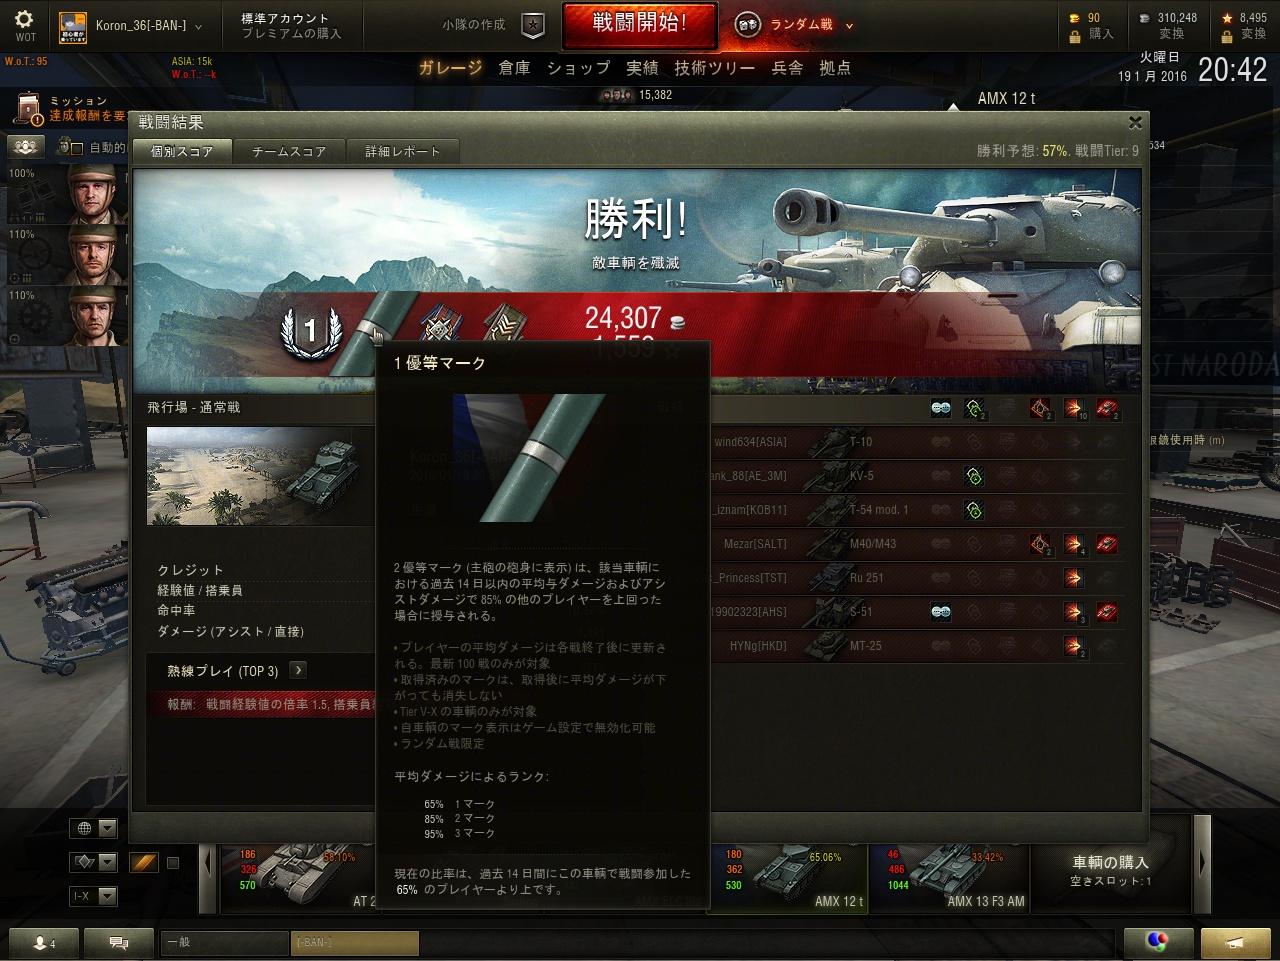 AMX12t